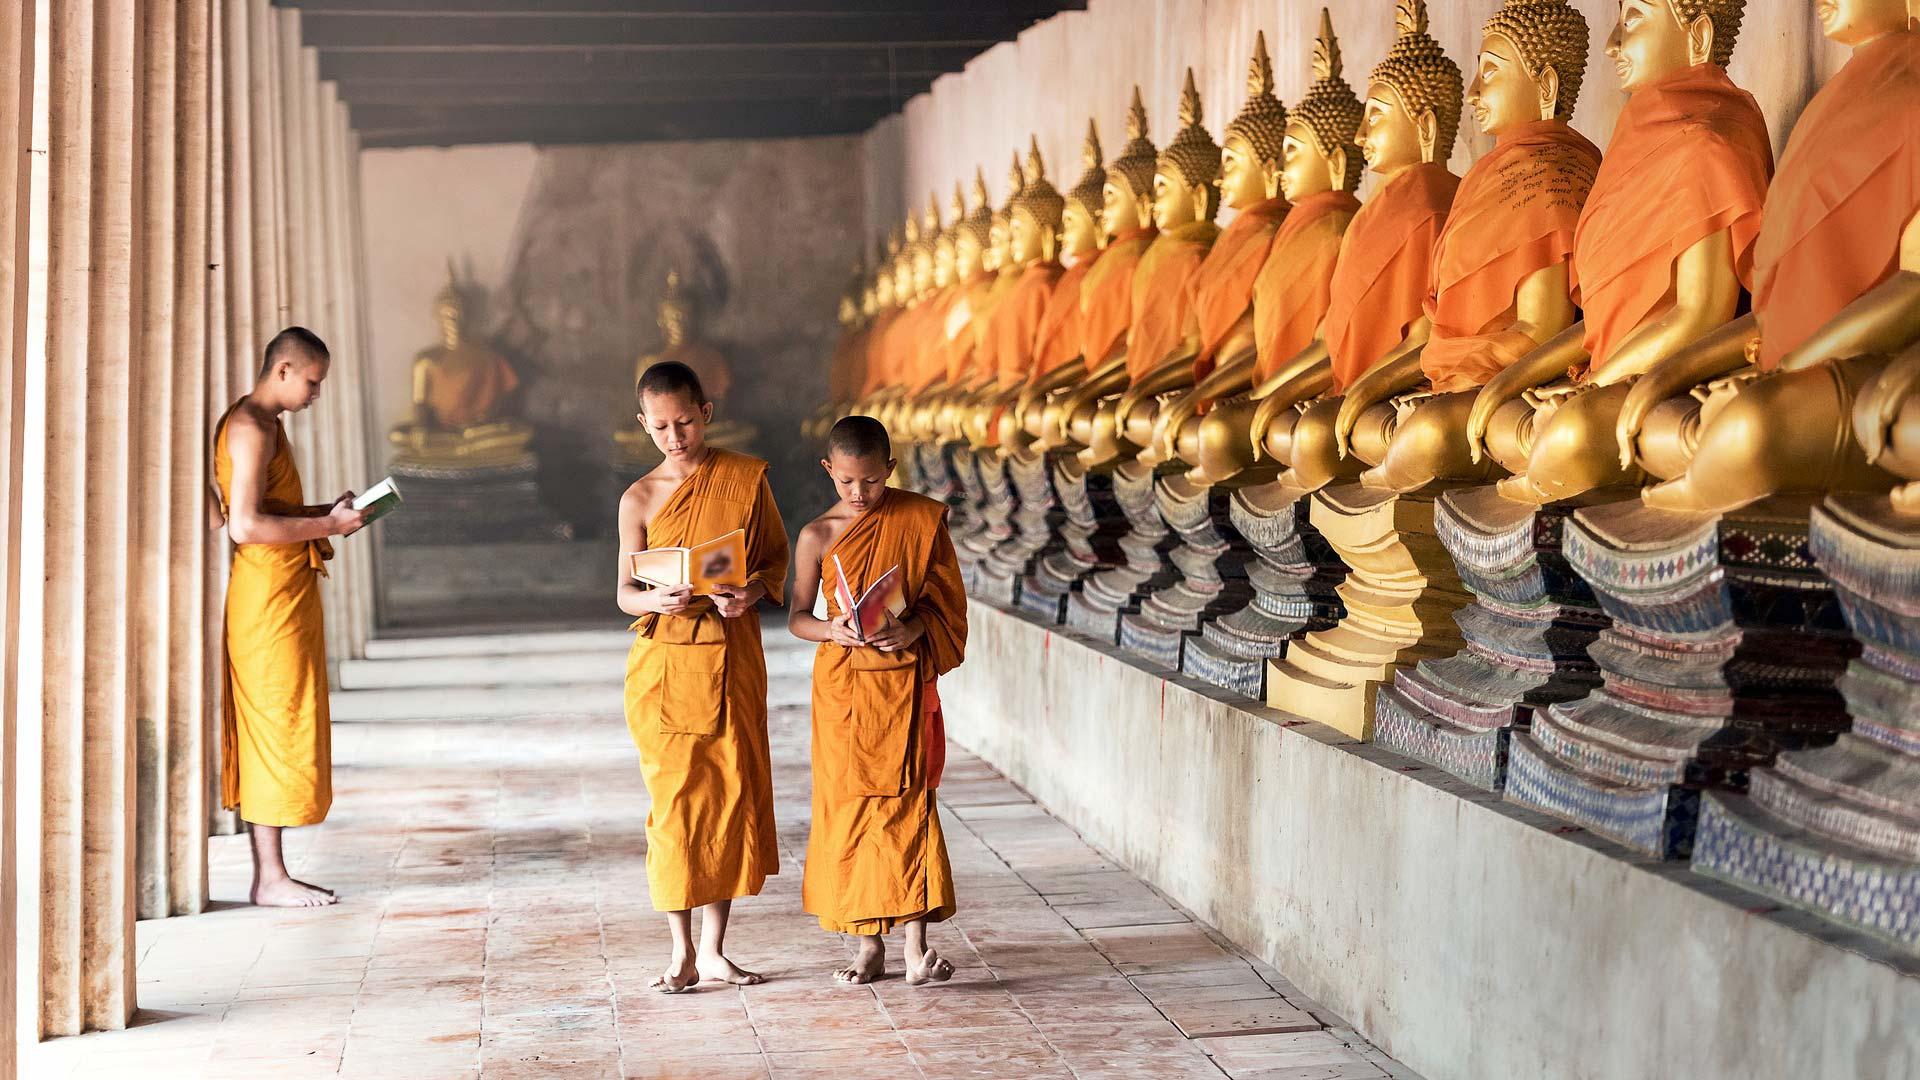 Erkenning boeddhisme als niet-confessionele levensbeschouwing